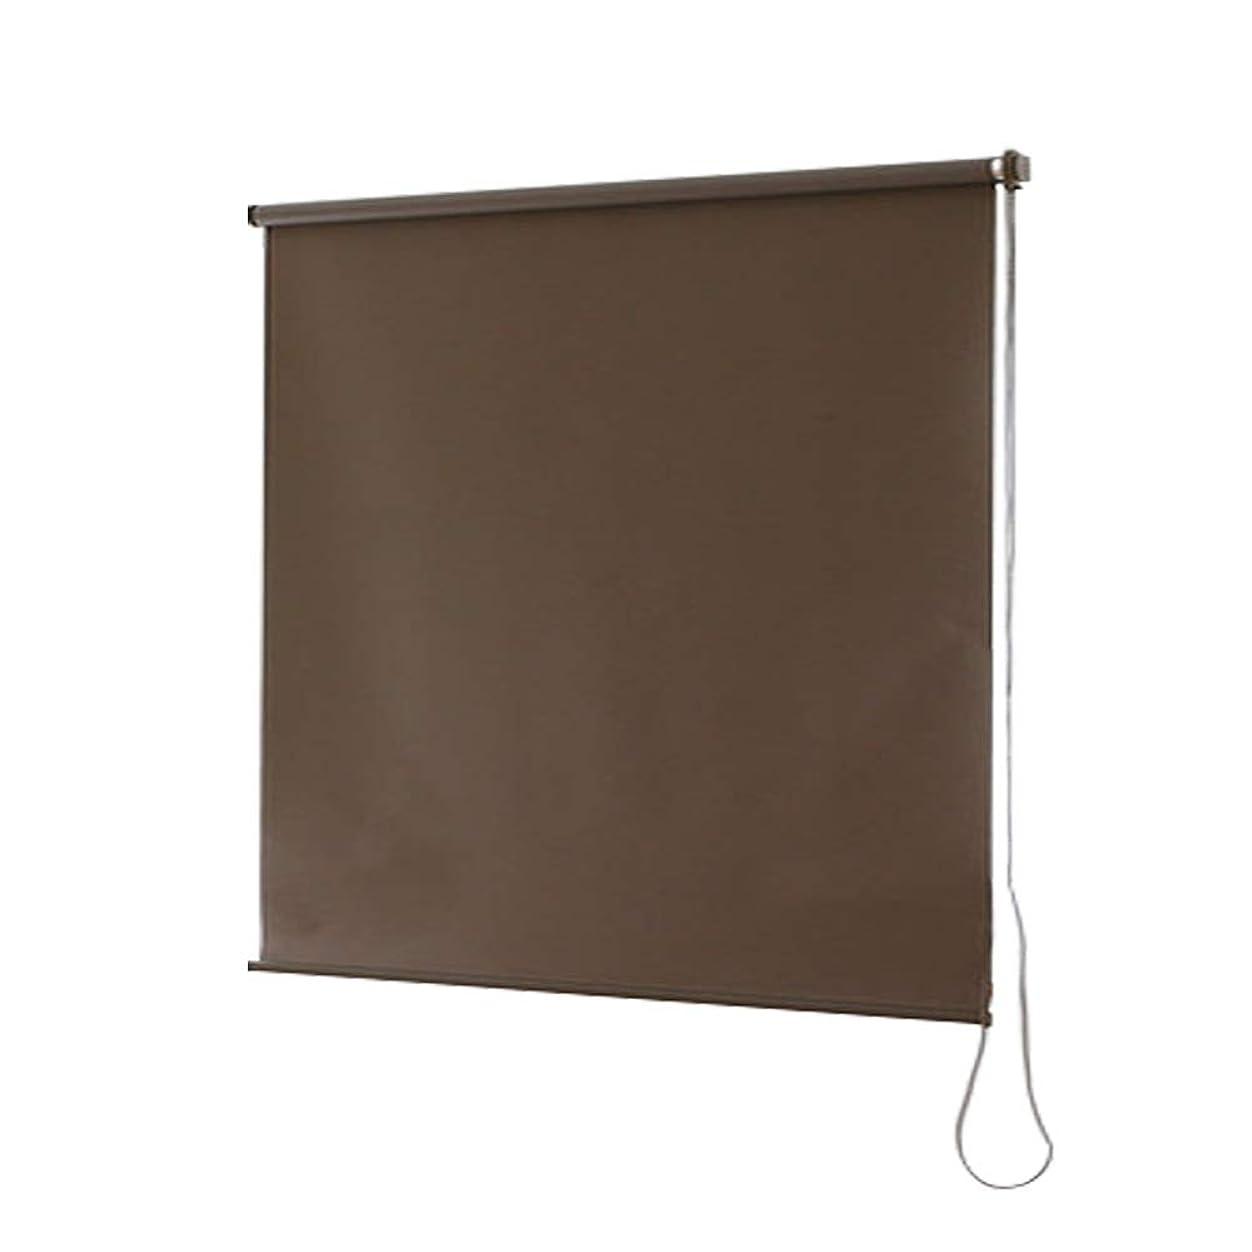 りショートにぎやかロールスクリーン ロールカーテン 遮光 幅130cm おしゃれ 北欧 チェーン式 取付簡単 ブラウン